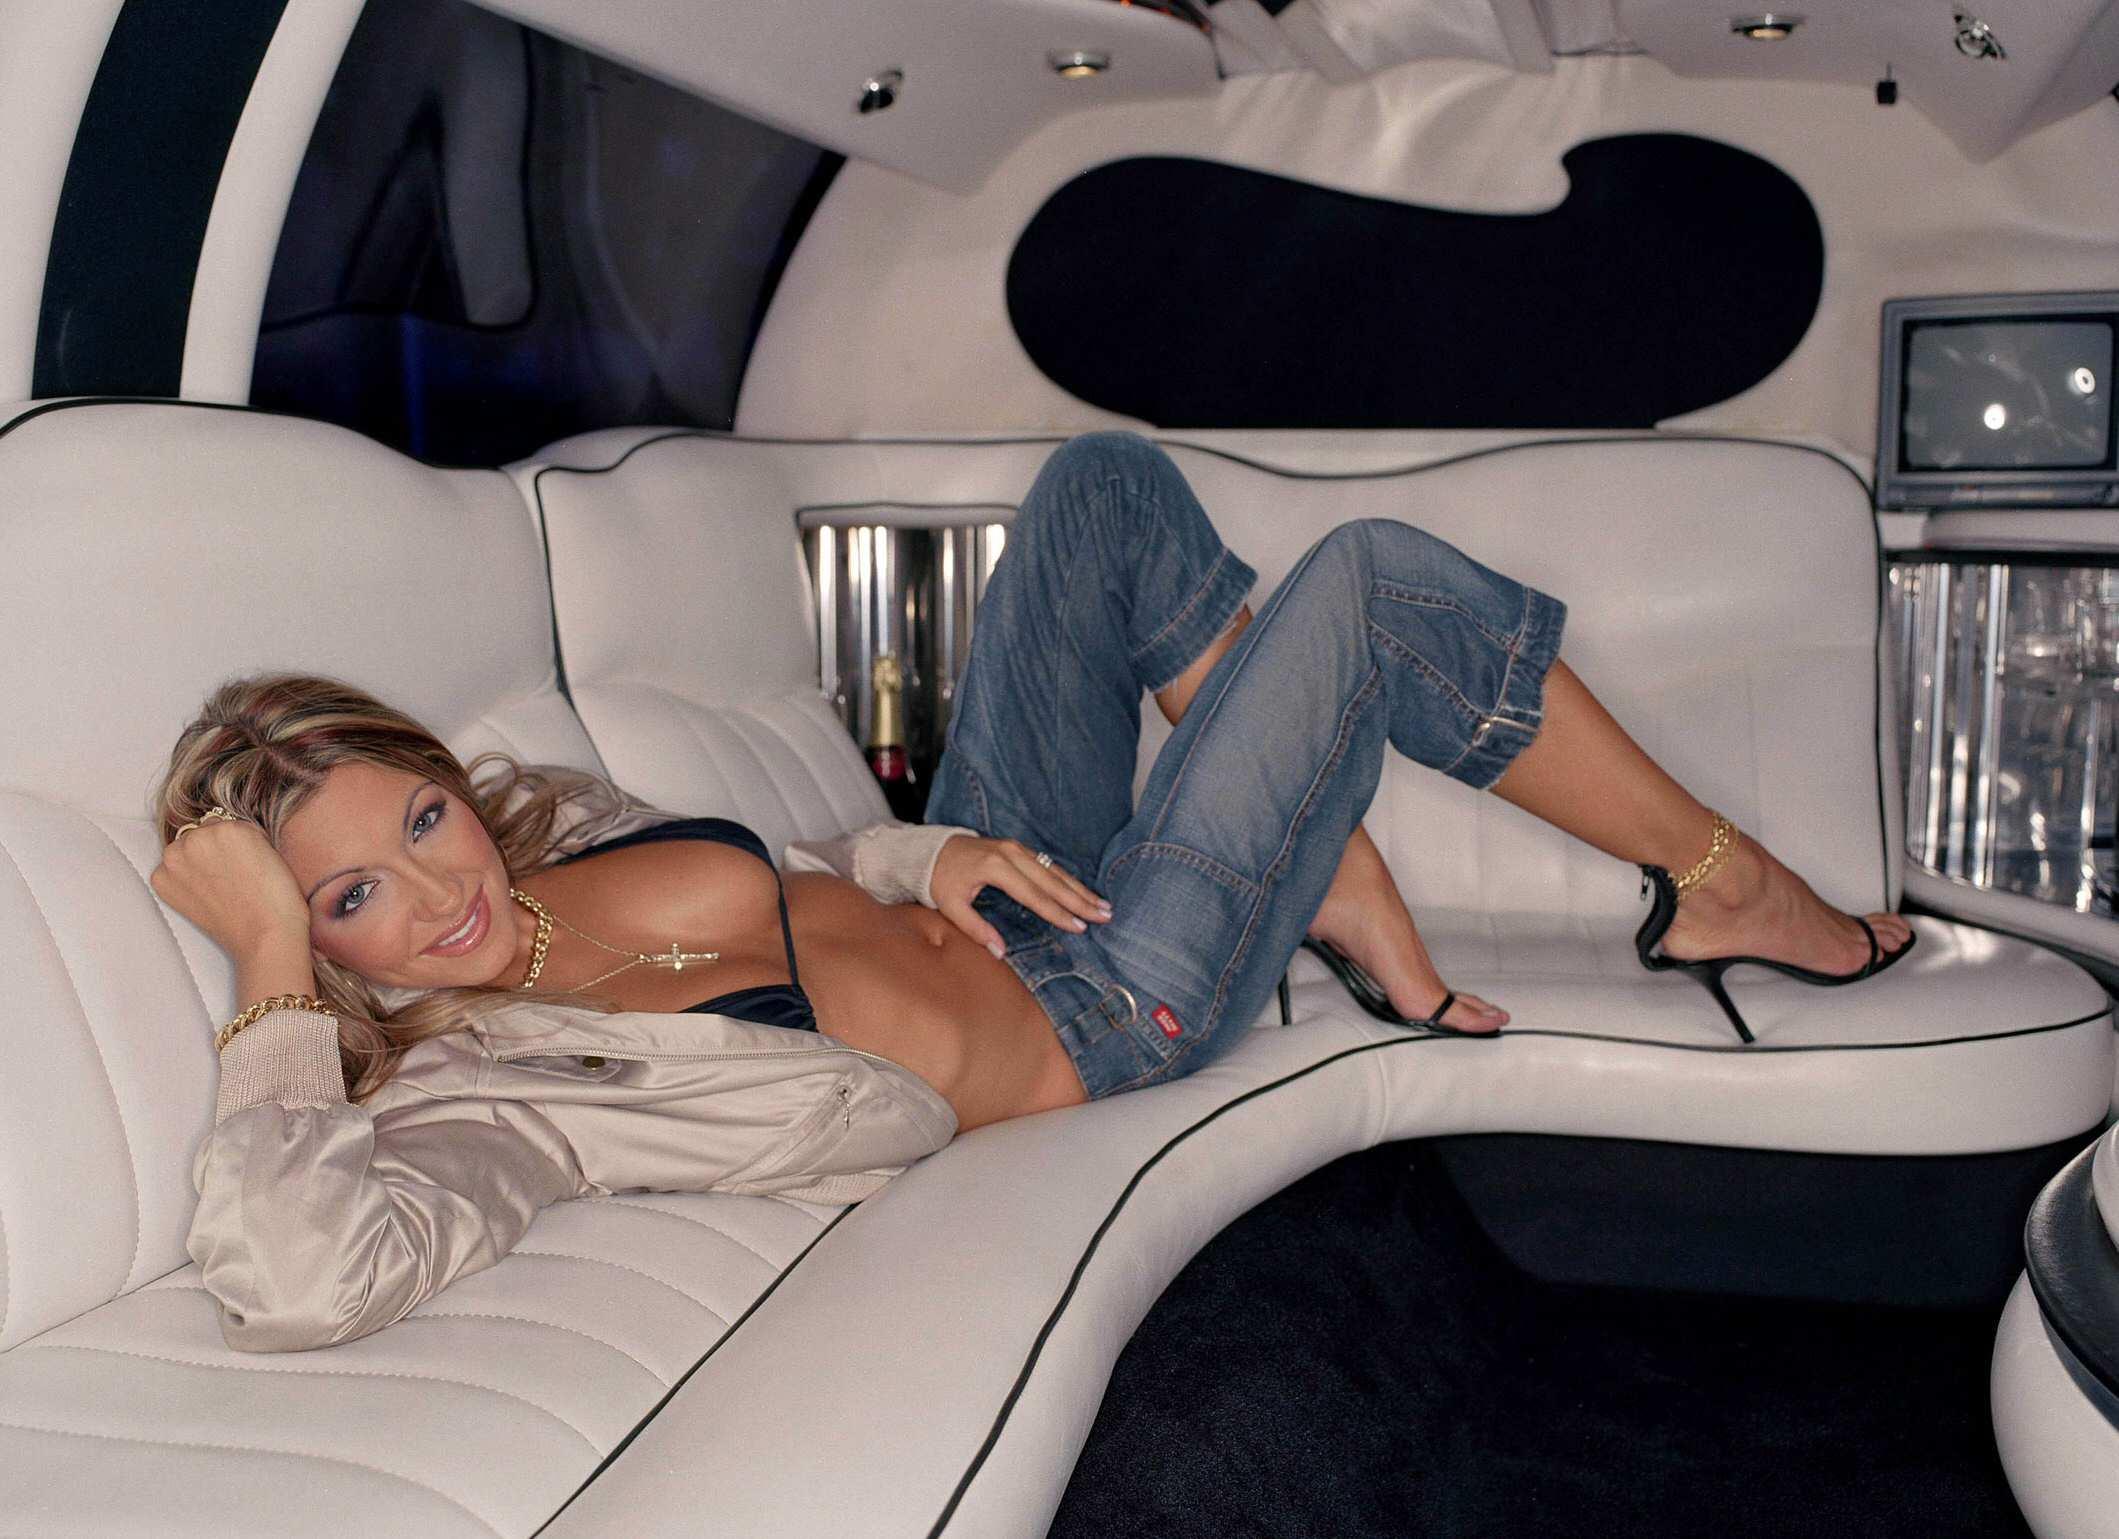 паблик секс в лимузине просто жду